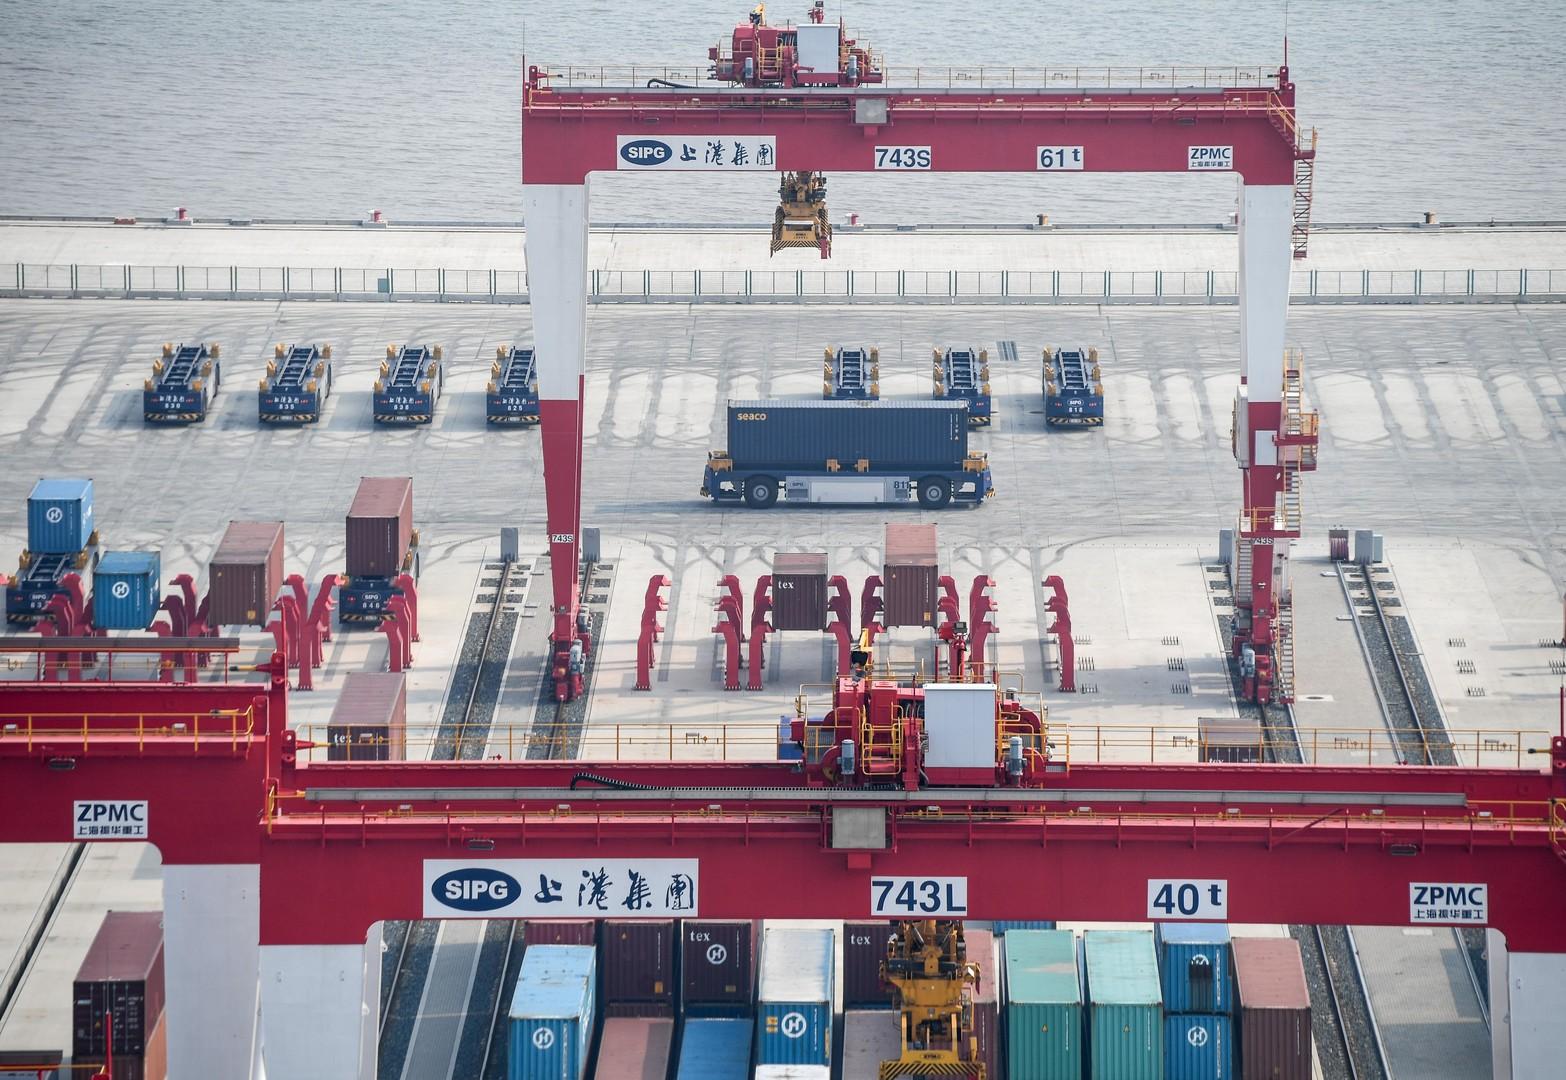 Alles für den Handel: China eröffnet weltgrößtes automatisiertes Containerterminal